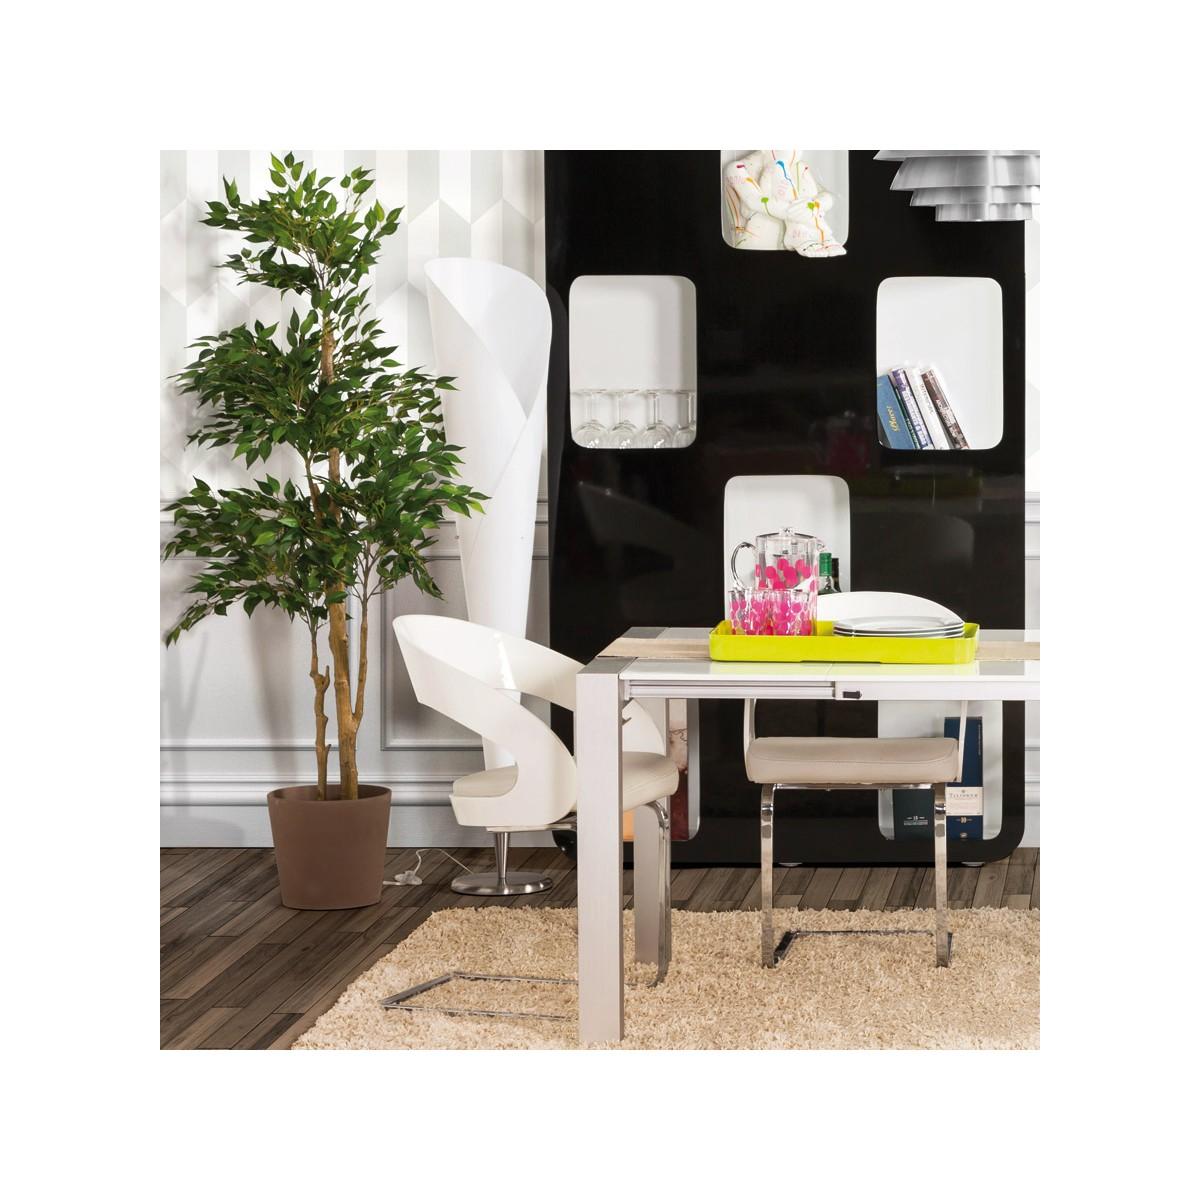 sterne design floor brushed steel lamp white english. Black Bedroom Furniture Sets. Home Design Ideas